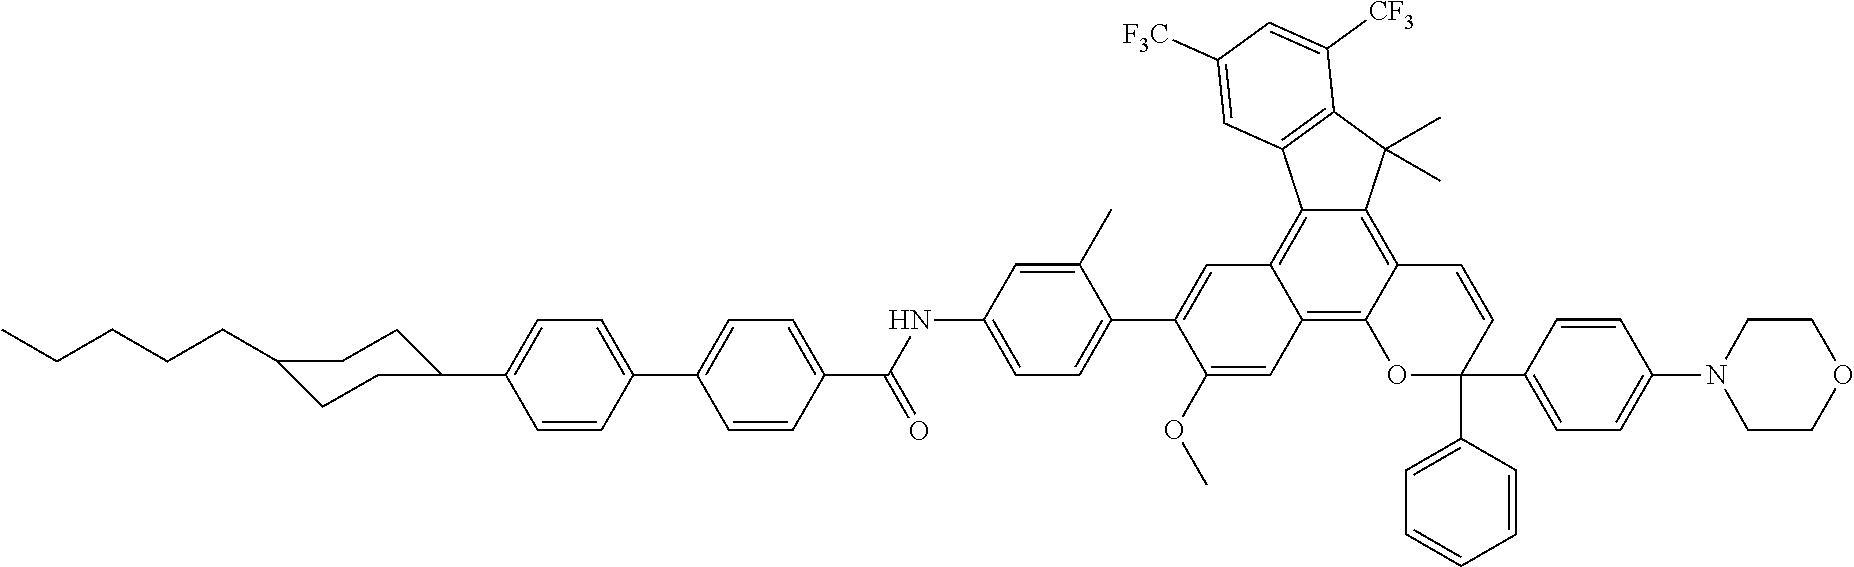 Figure US08518546-20130827-C00048